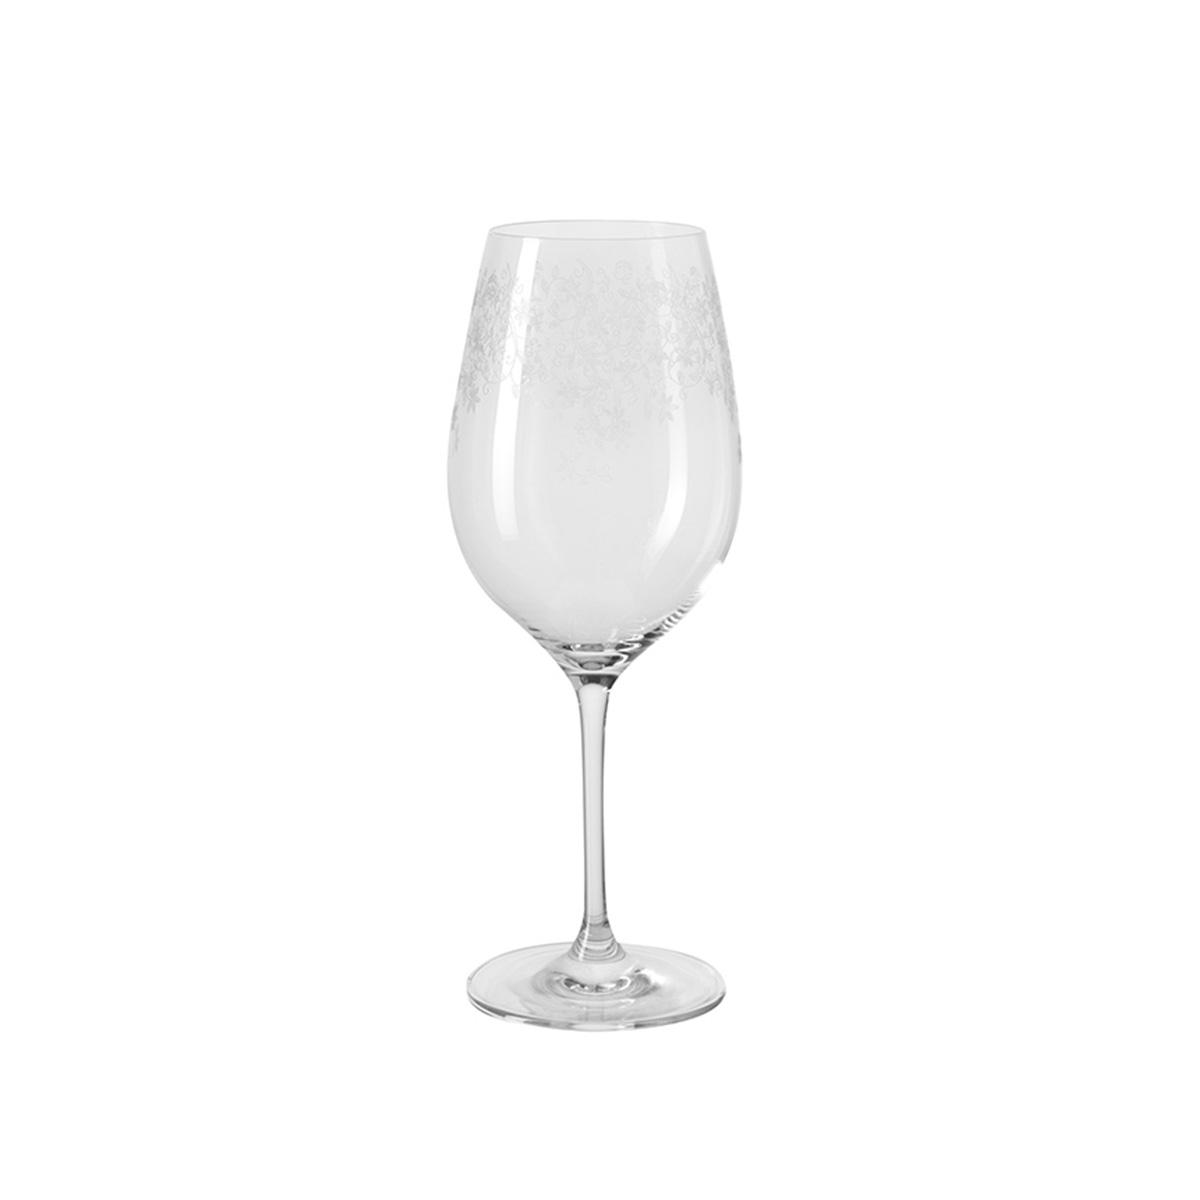 Čaša za crno vino Chateau 61617